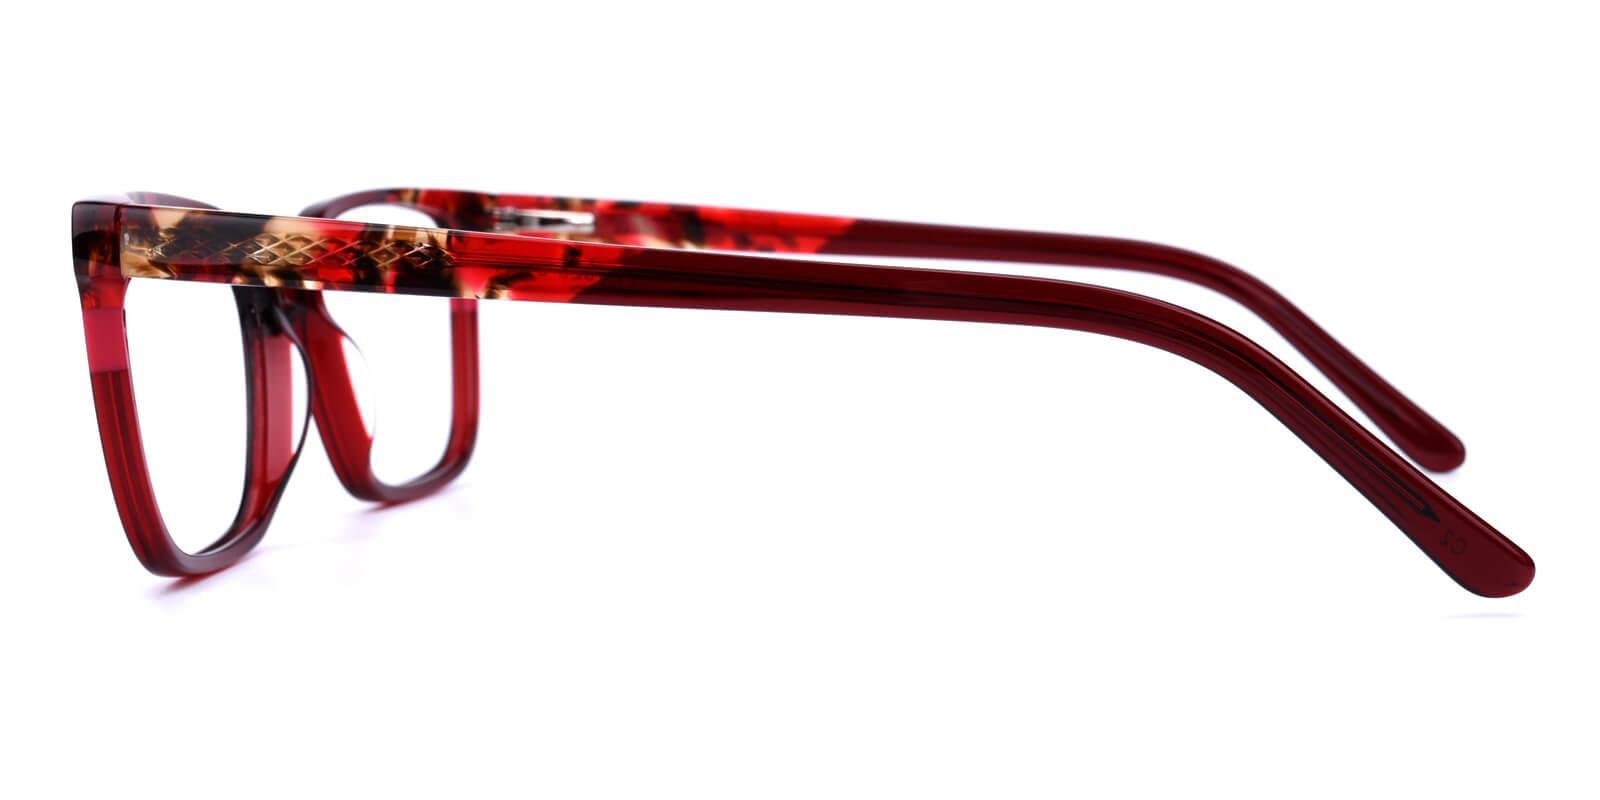 Geraldine-Red-Square / Cat-Acetate-Eyeglasses-additional3